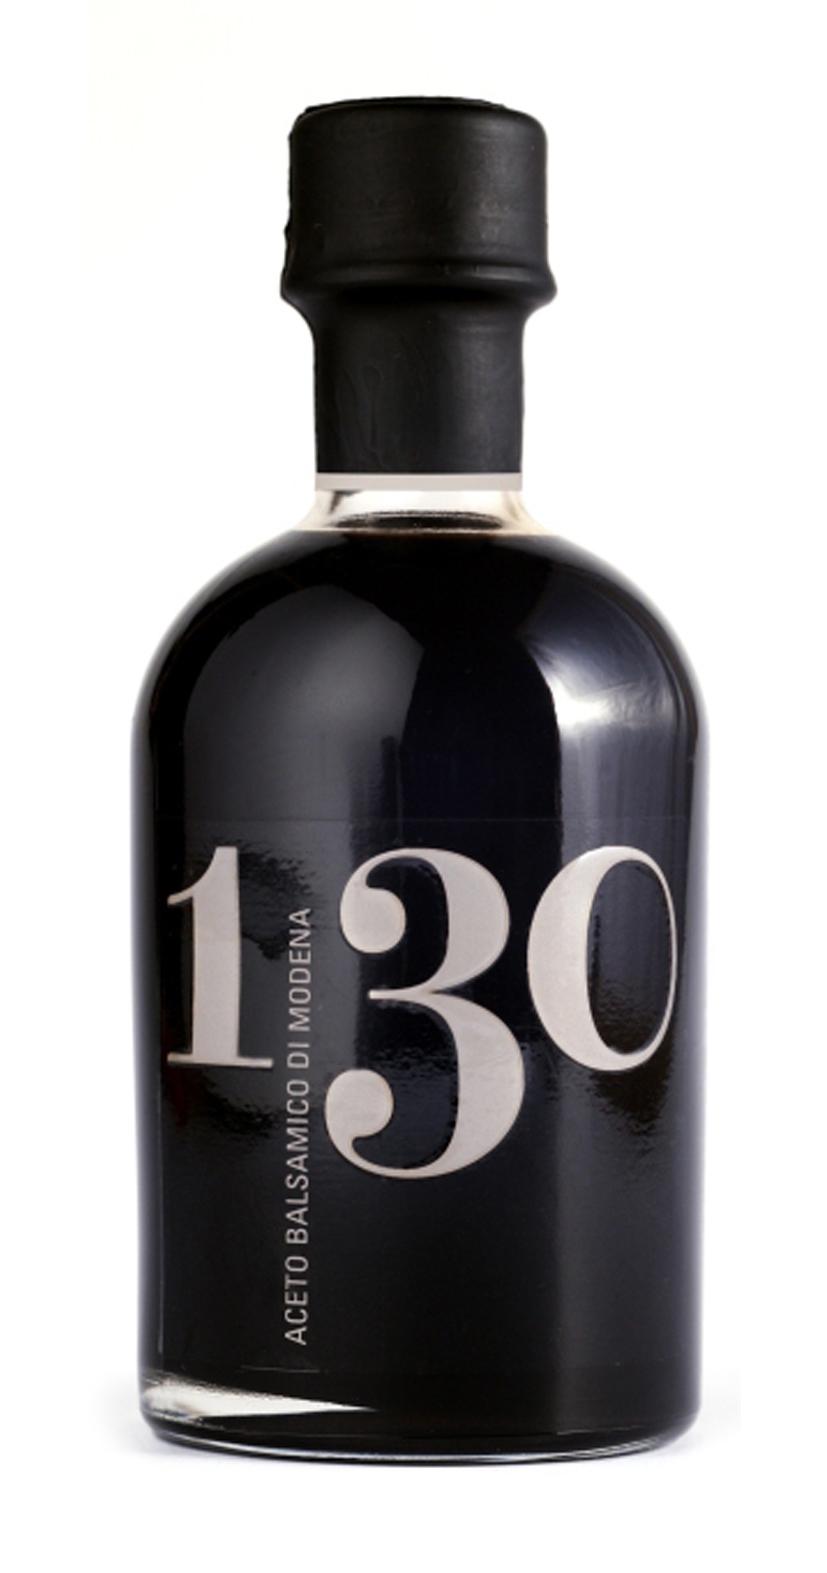 """""""1,30"""" condimento balsamico 250 ML Nero Modena"""